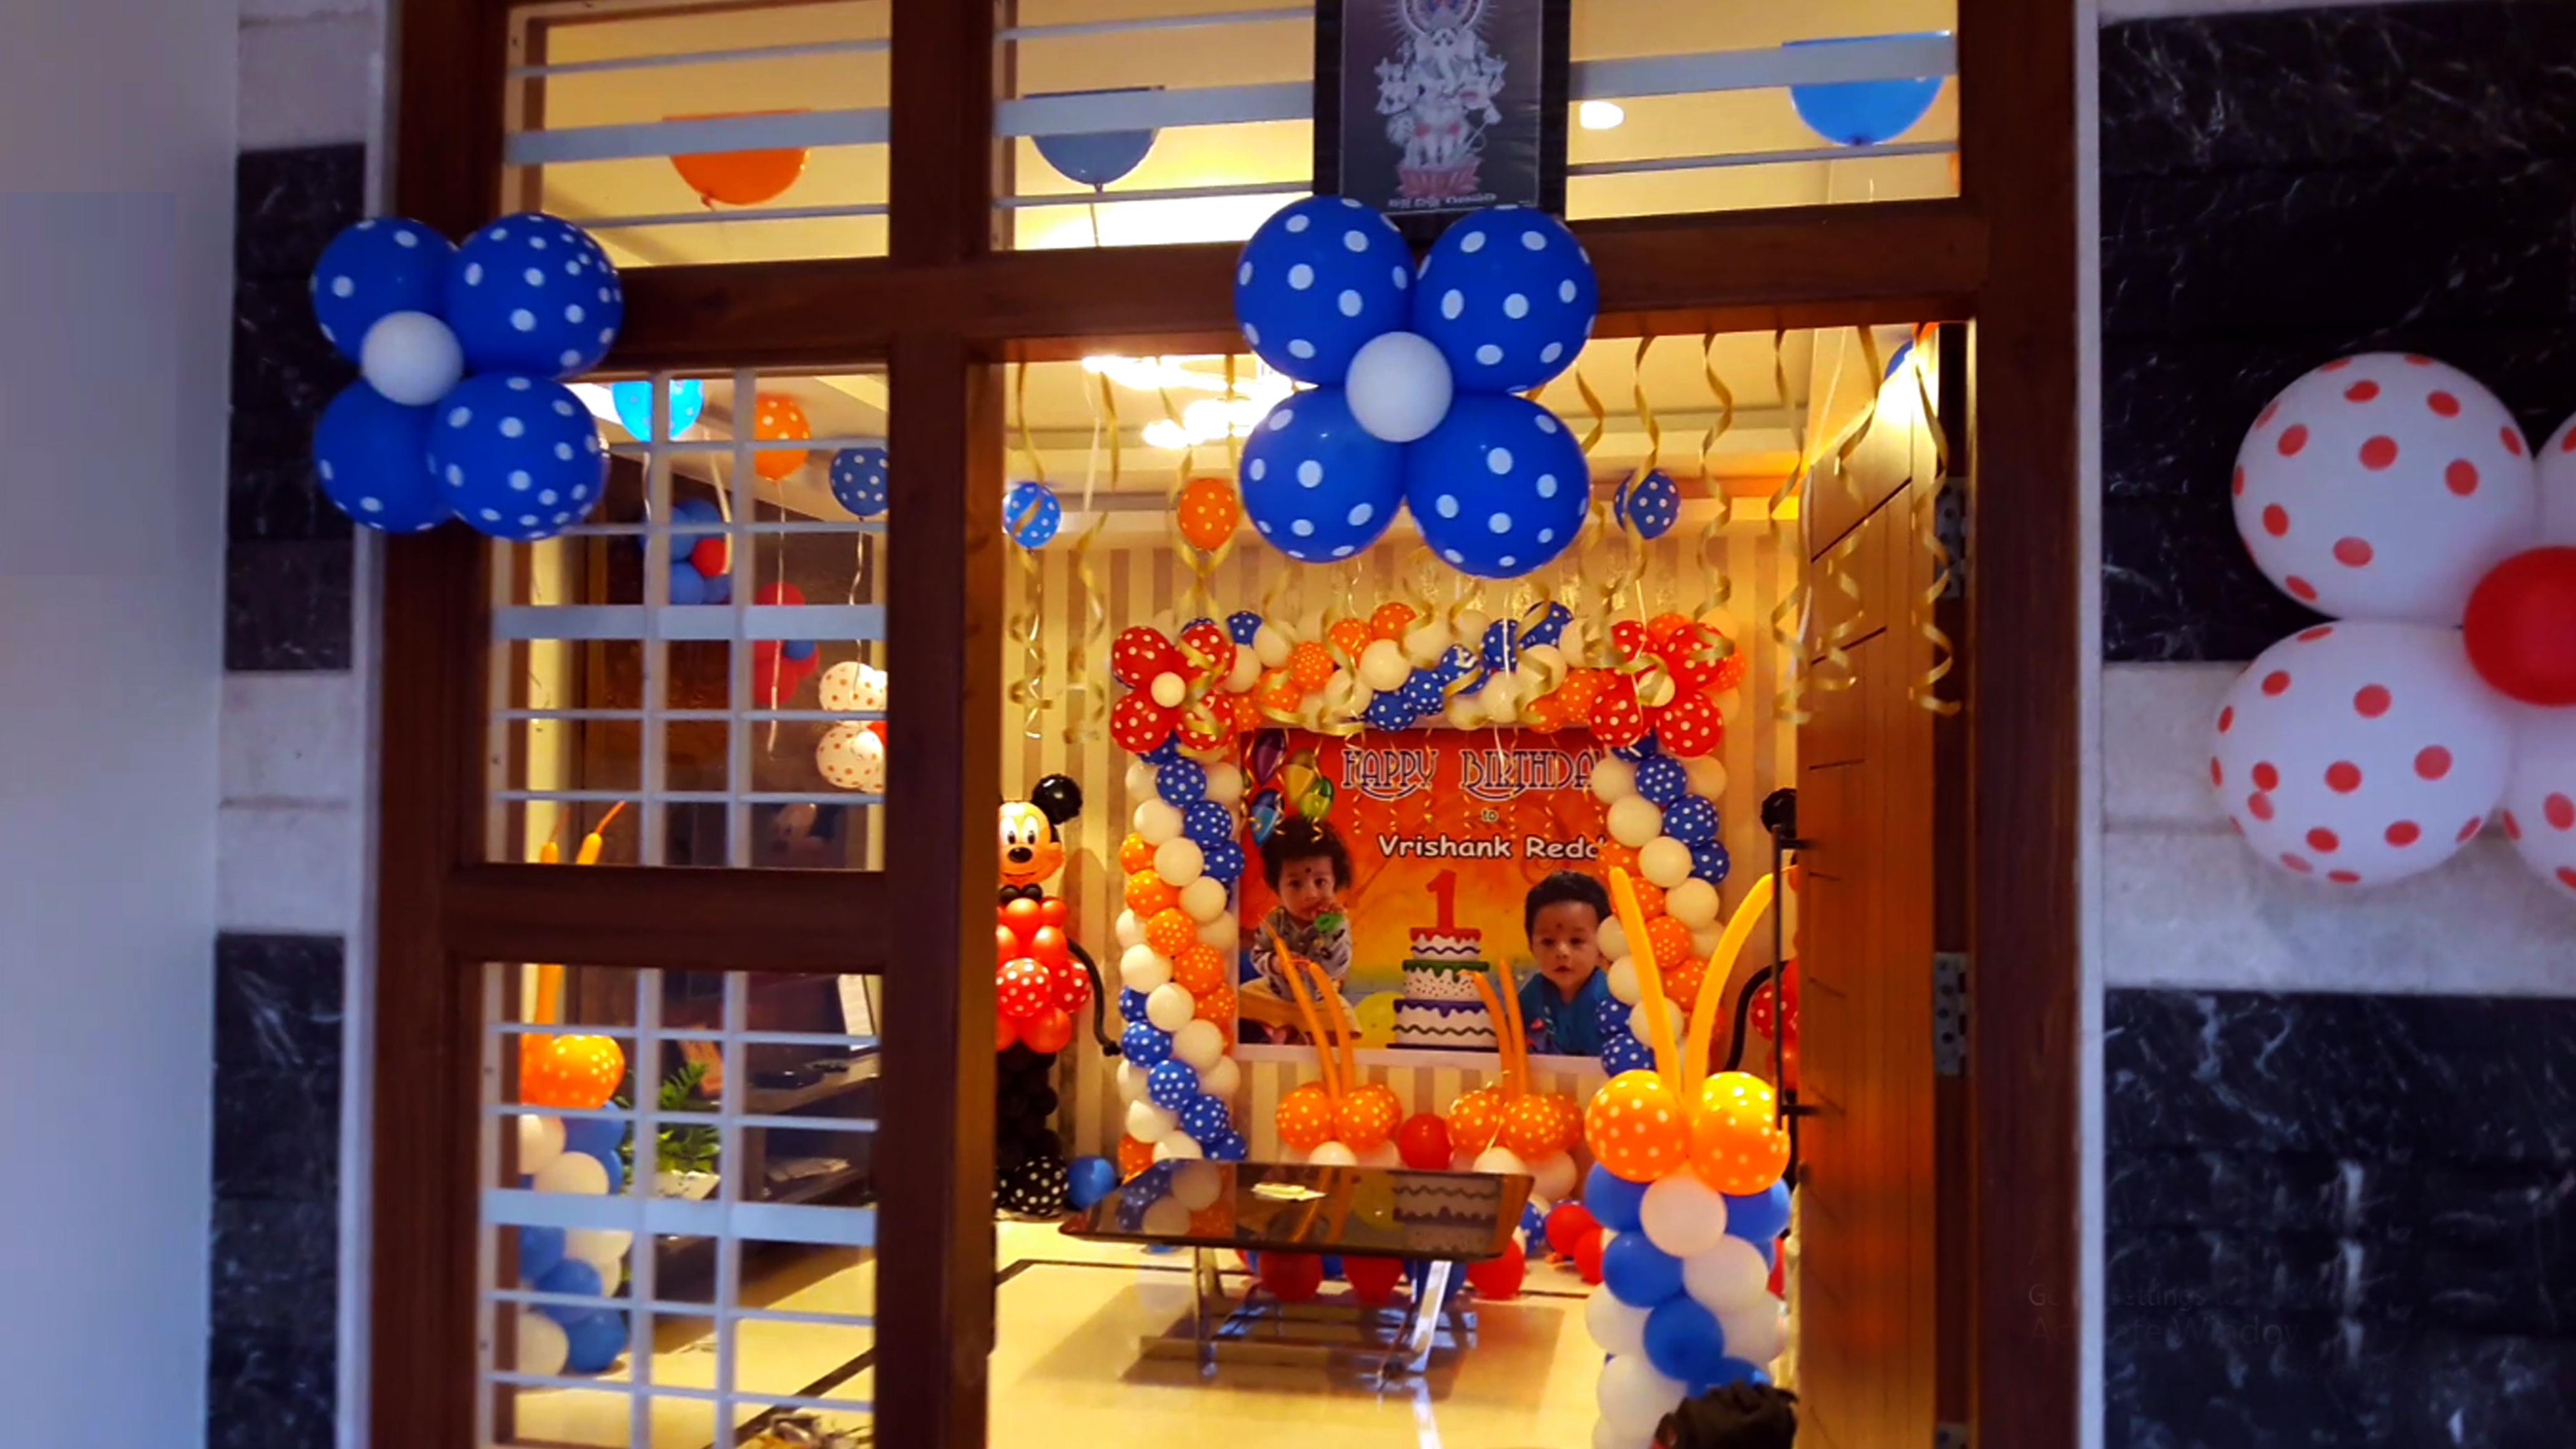 Vrishank Reddy 1st Birthday Party